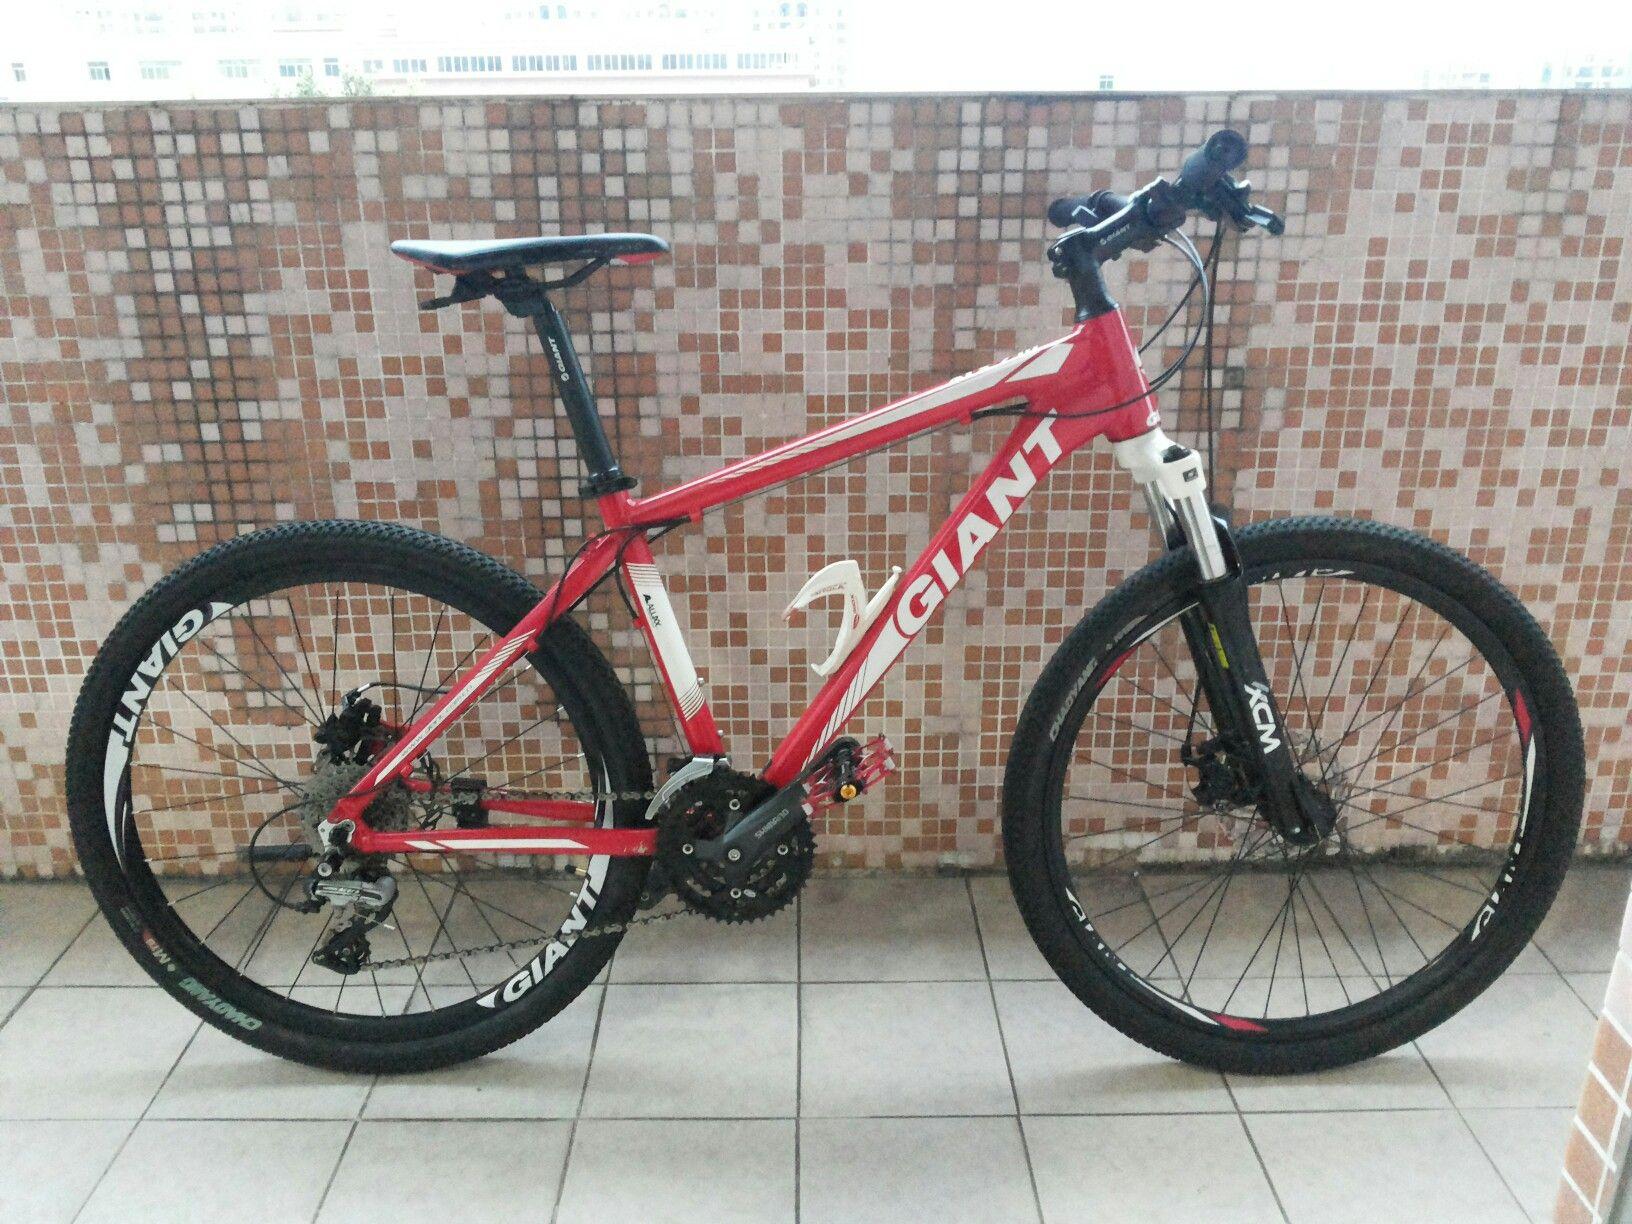 Giant Atx Bike Bicycle Giants